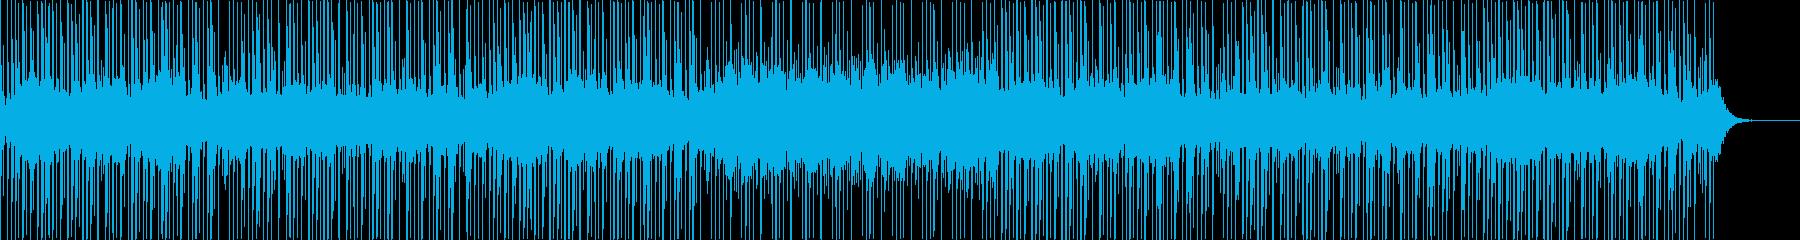 三味線と琴の日本風・和風テクノポップの再生済みの波形